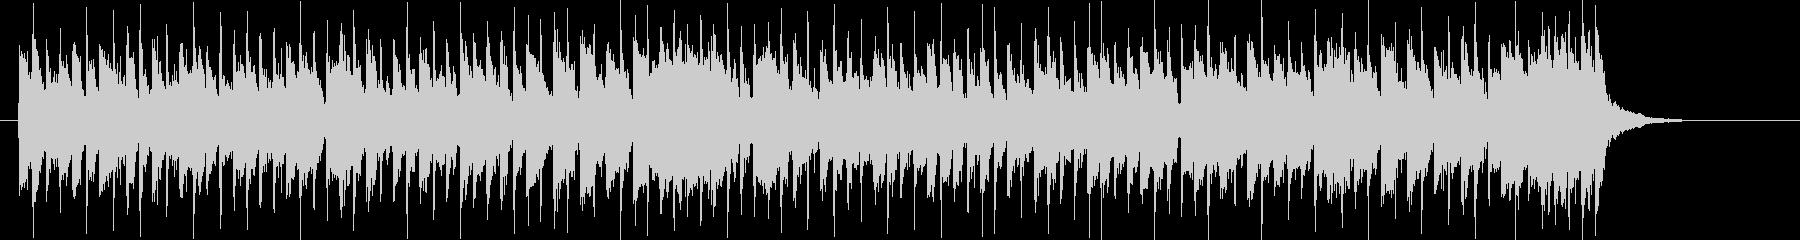 クラリネットのような音色が楽しいシンセ曲の未再生の波形